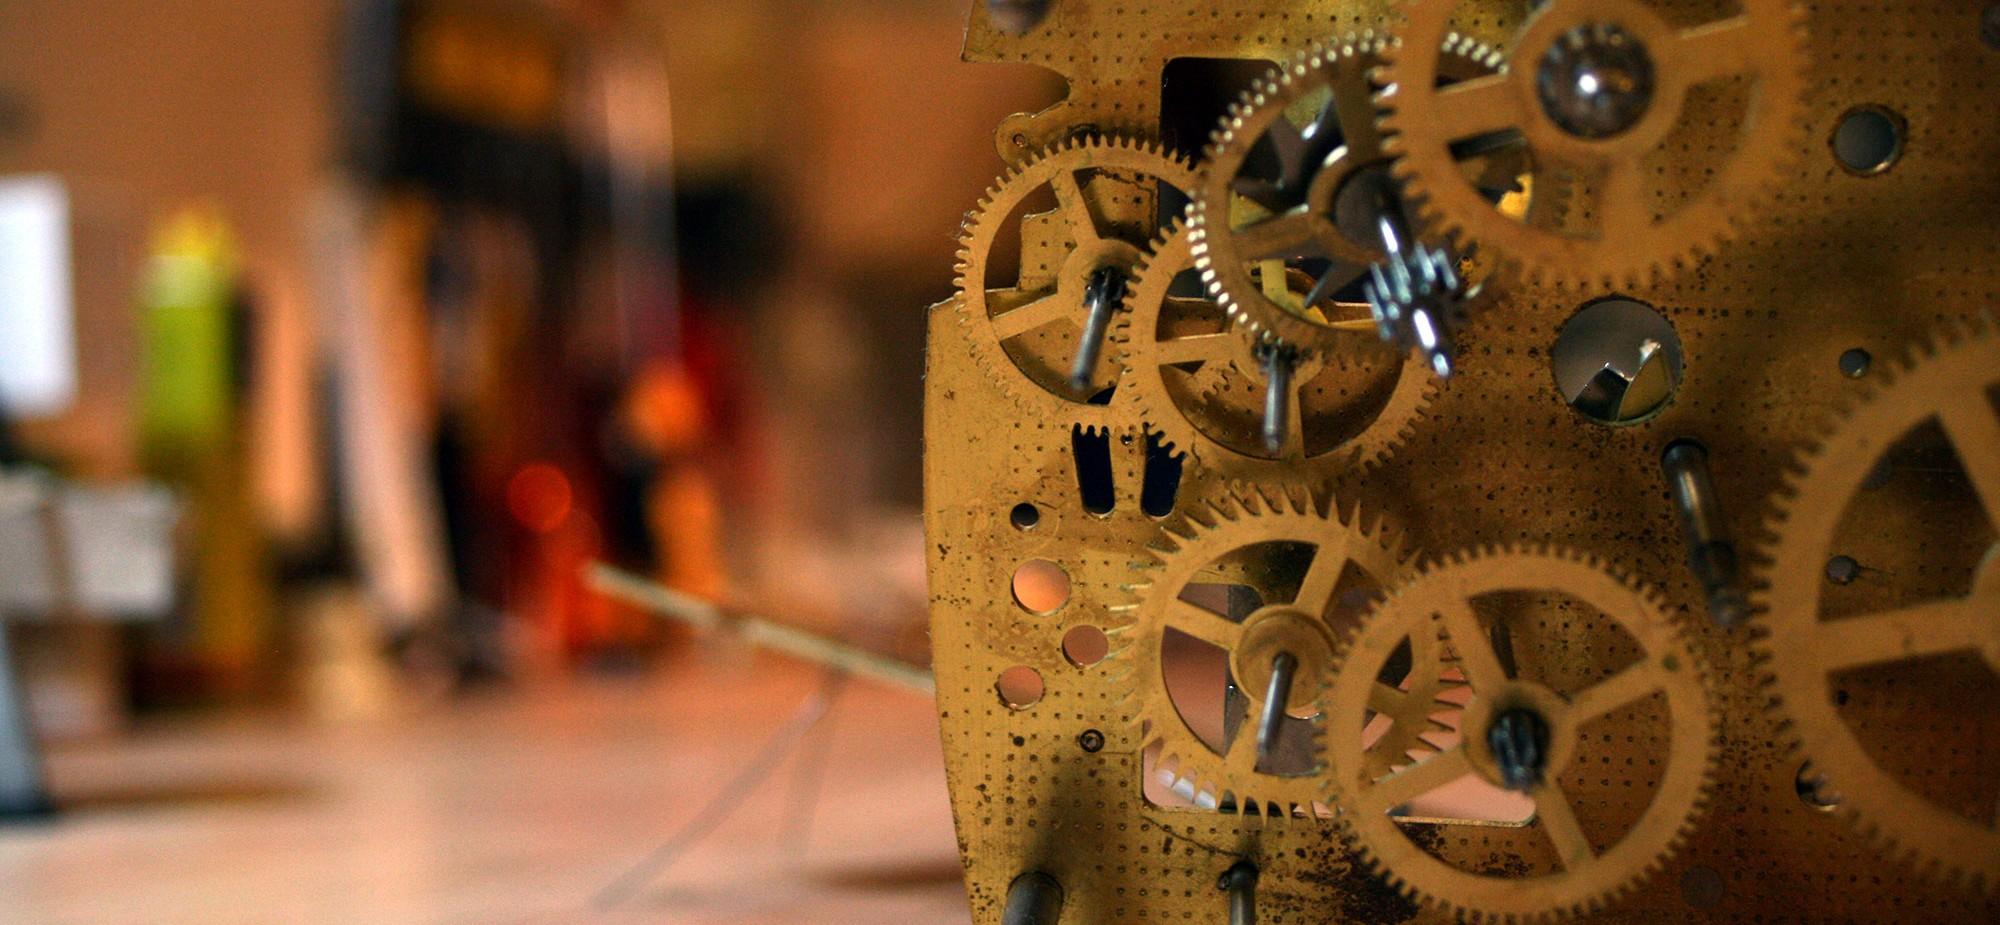 Clock Repair & Restoration